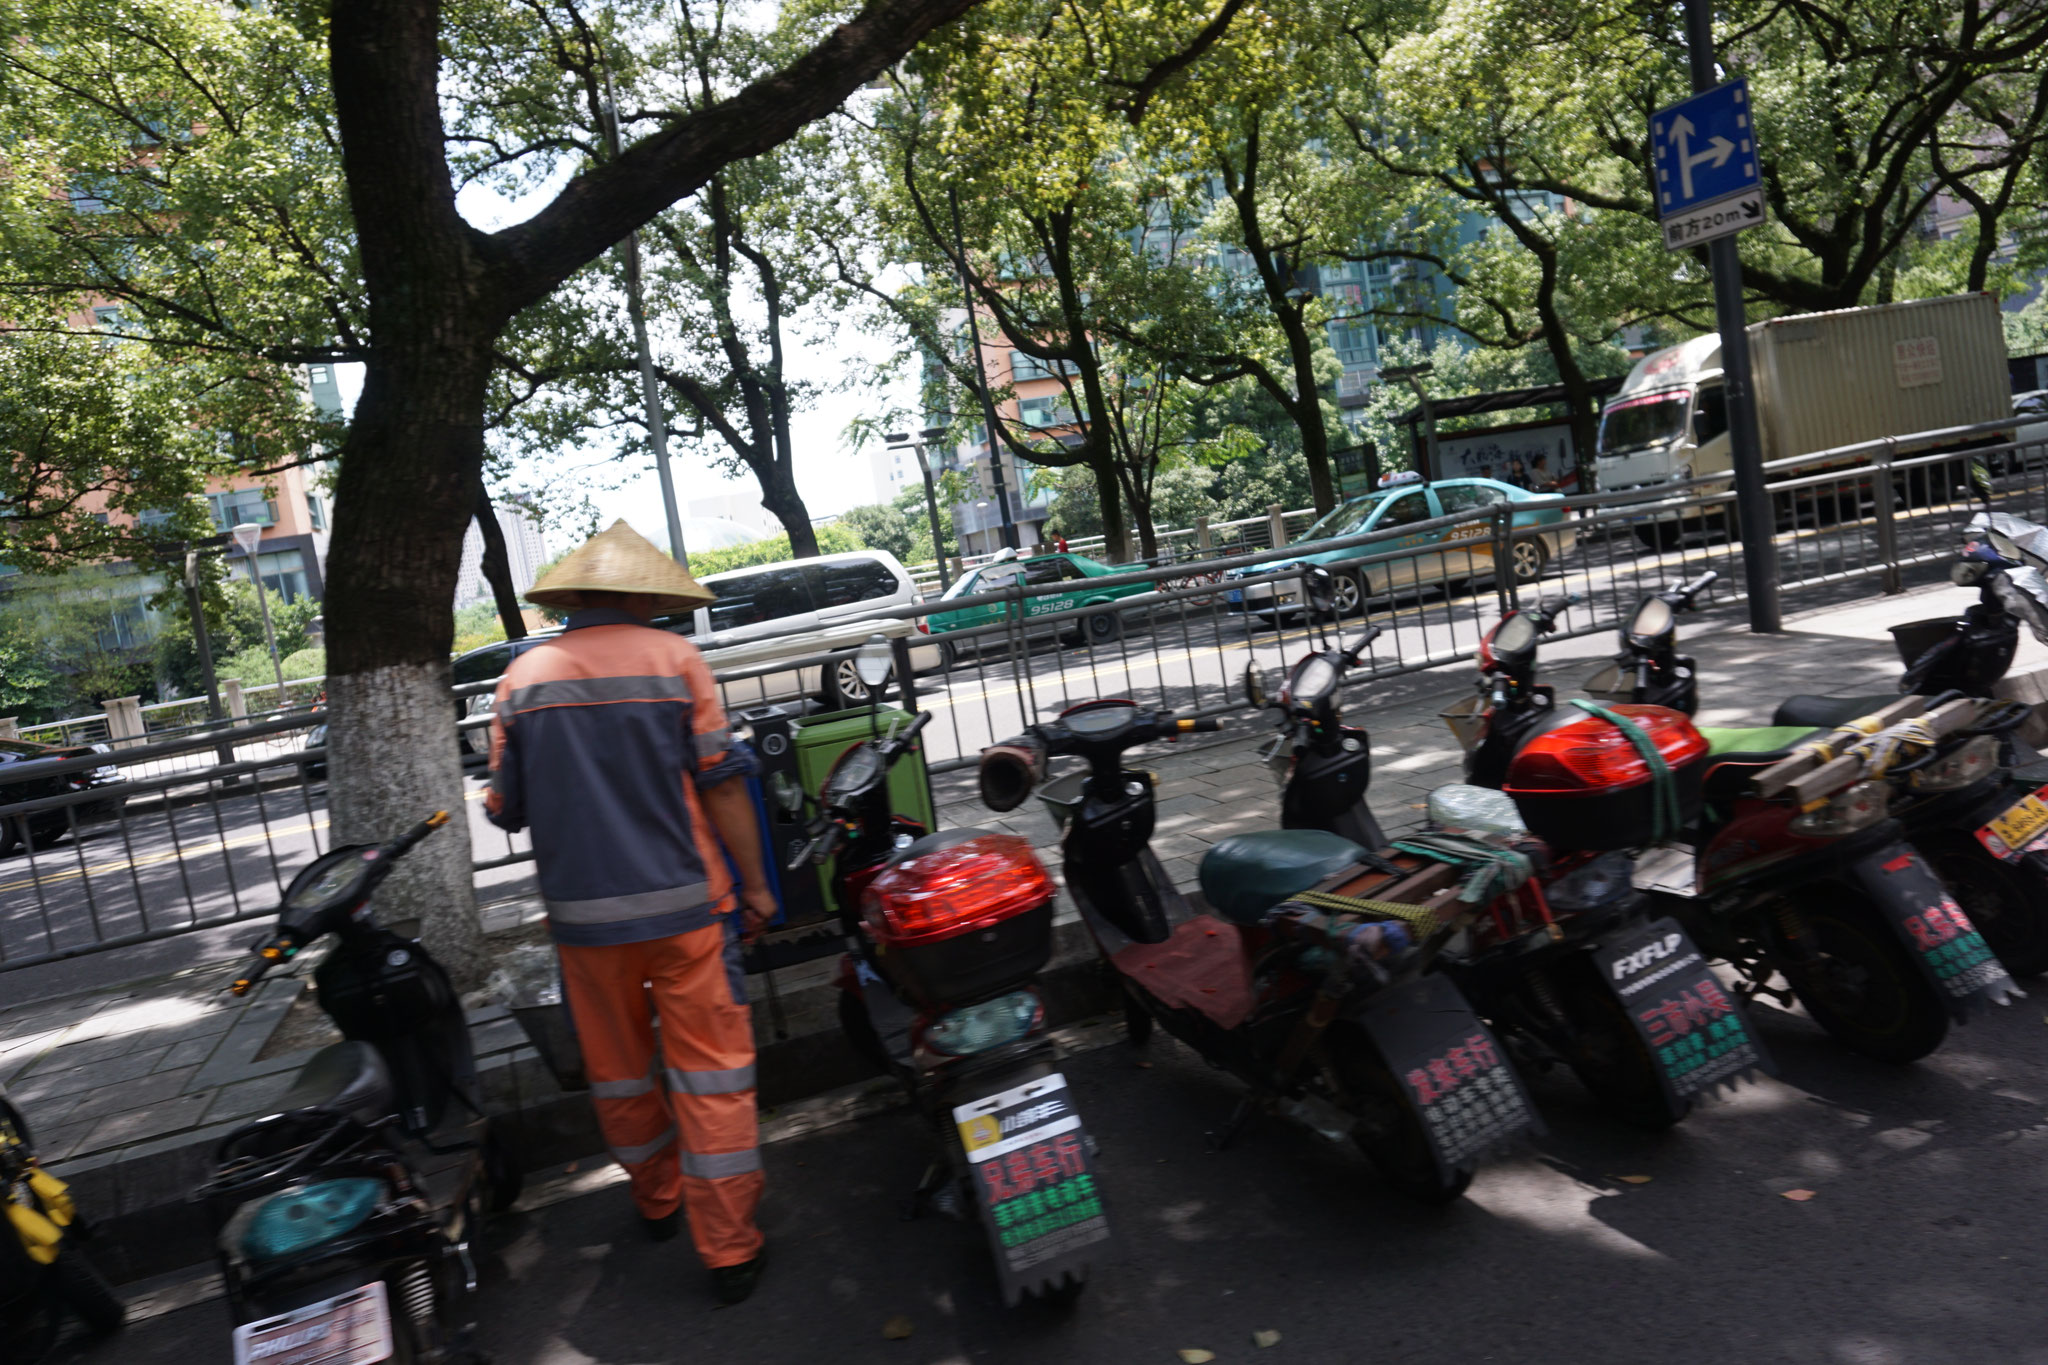 Zwei Taxis im Hintergrund